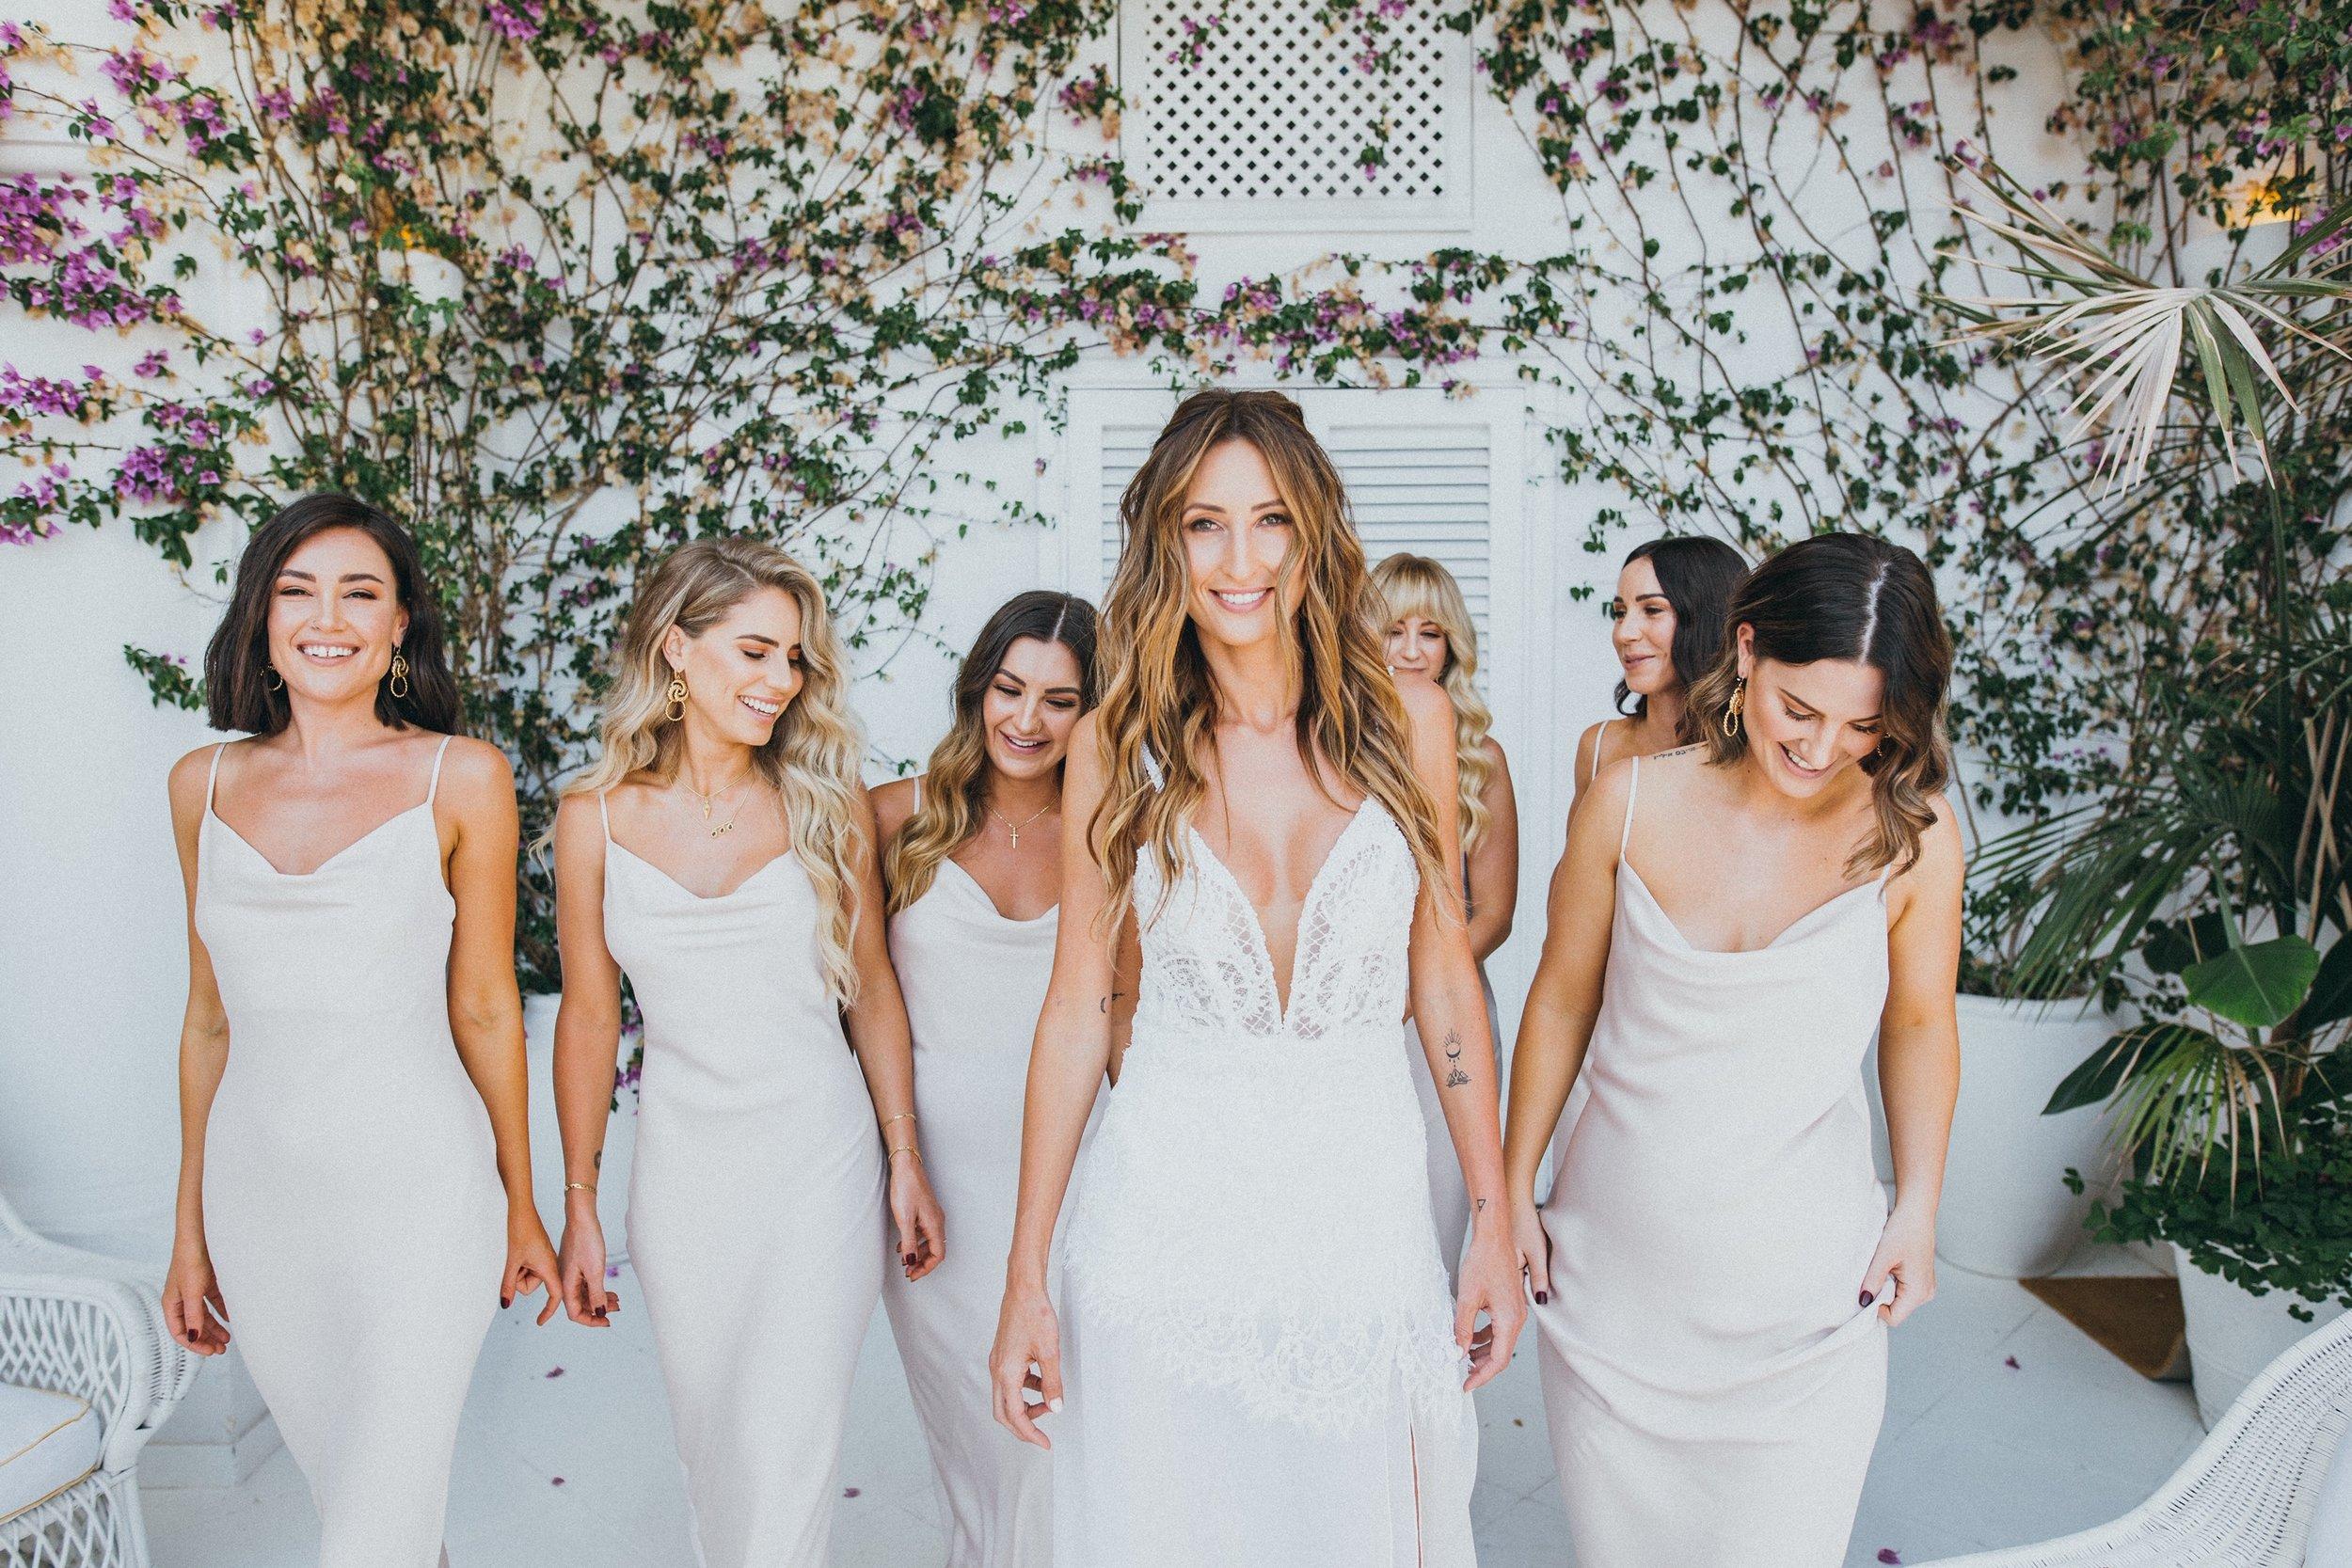 Amanda & Bridesmaids // Photo: Varga Murphy